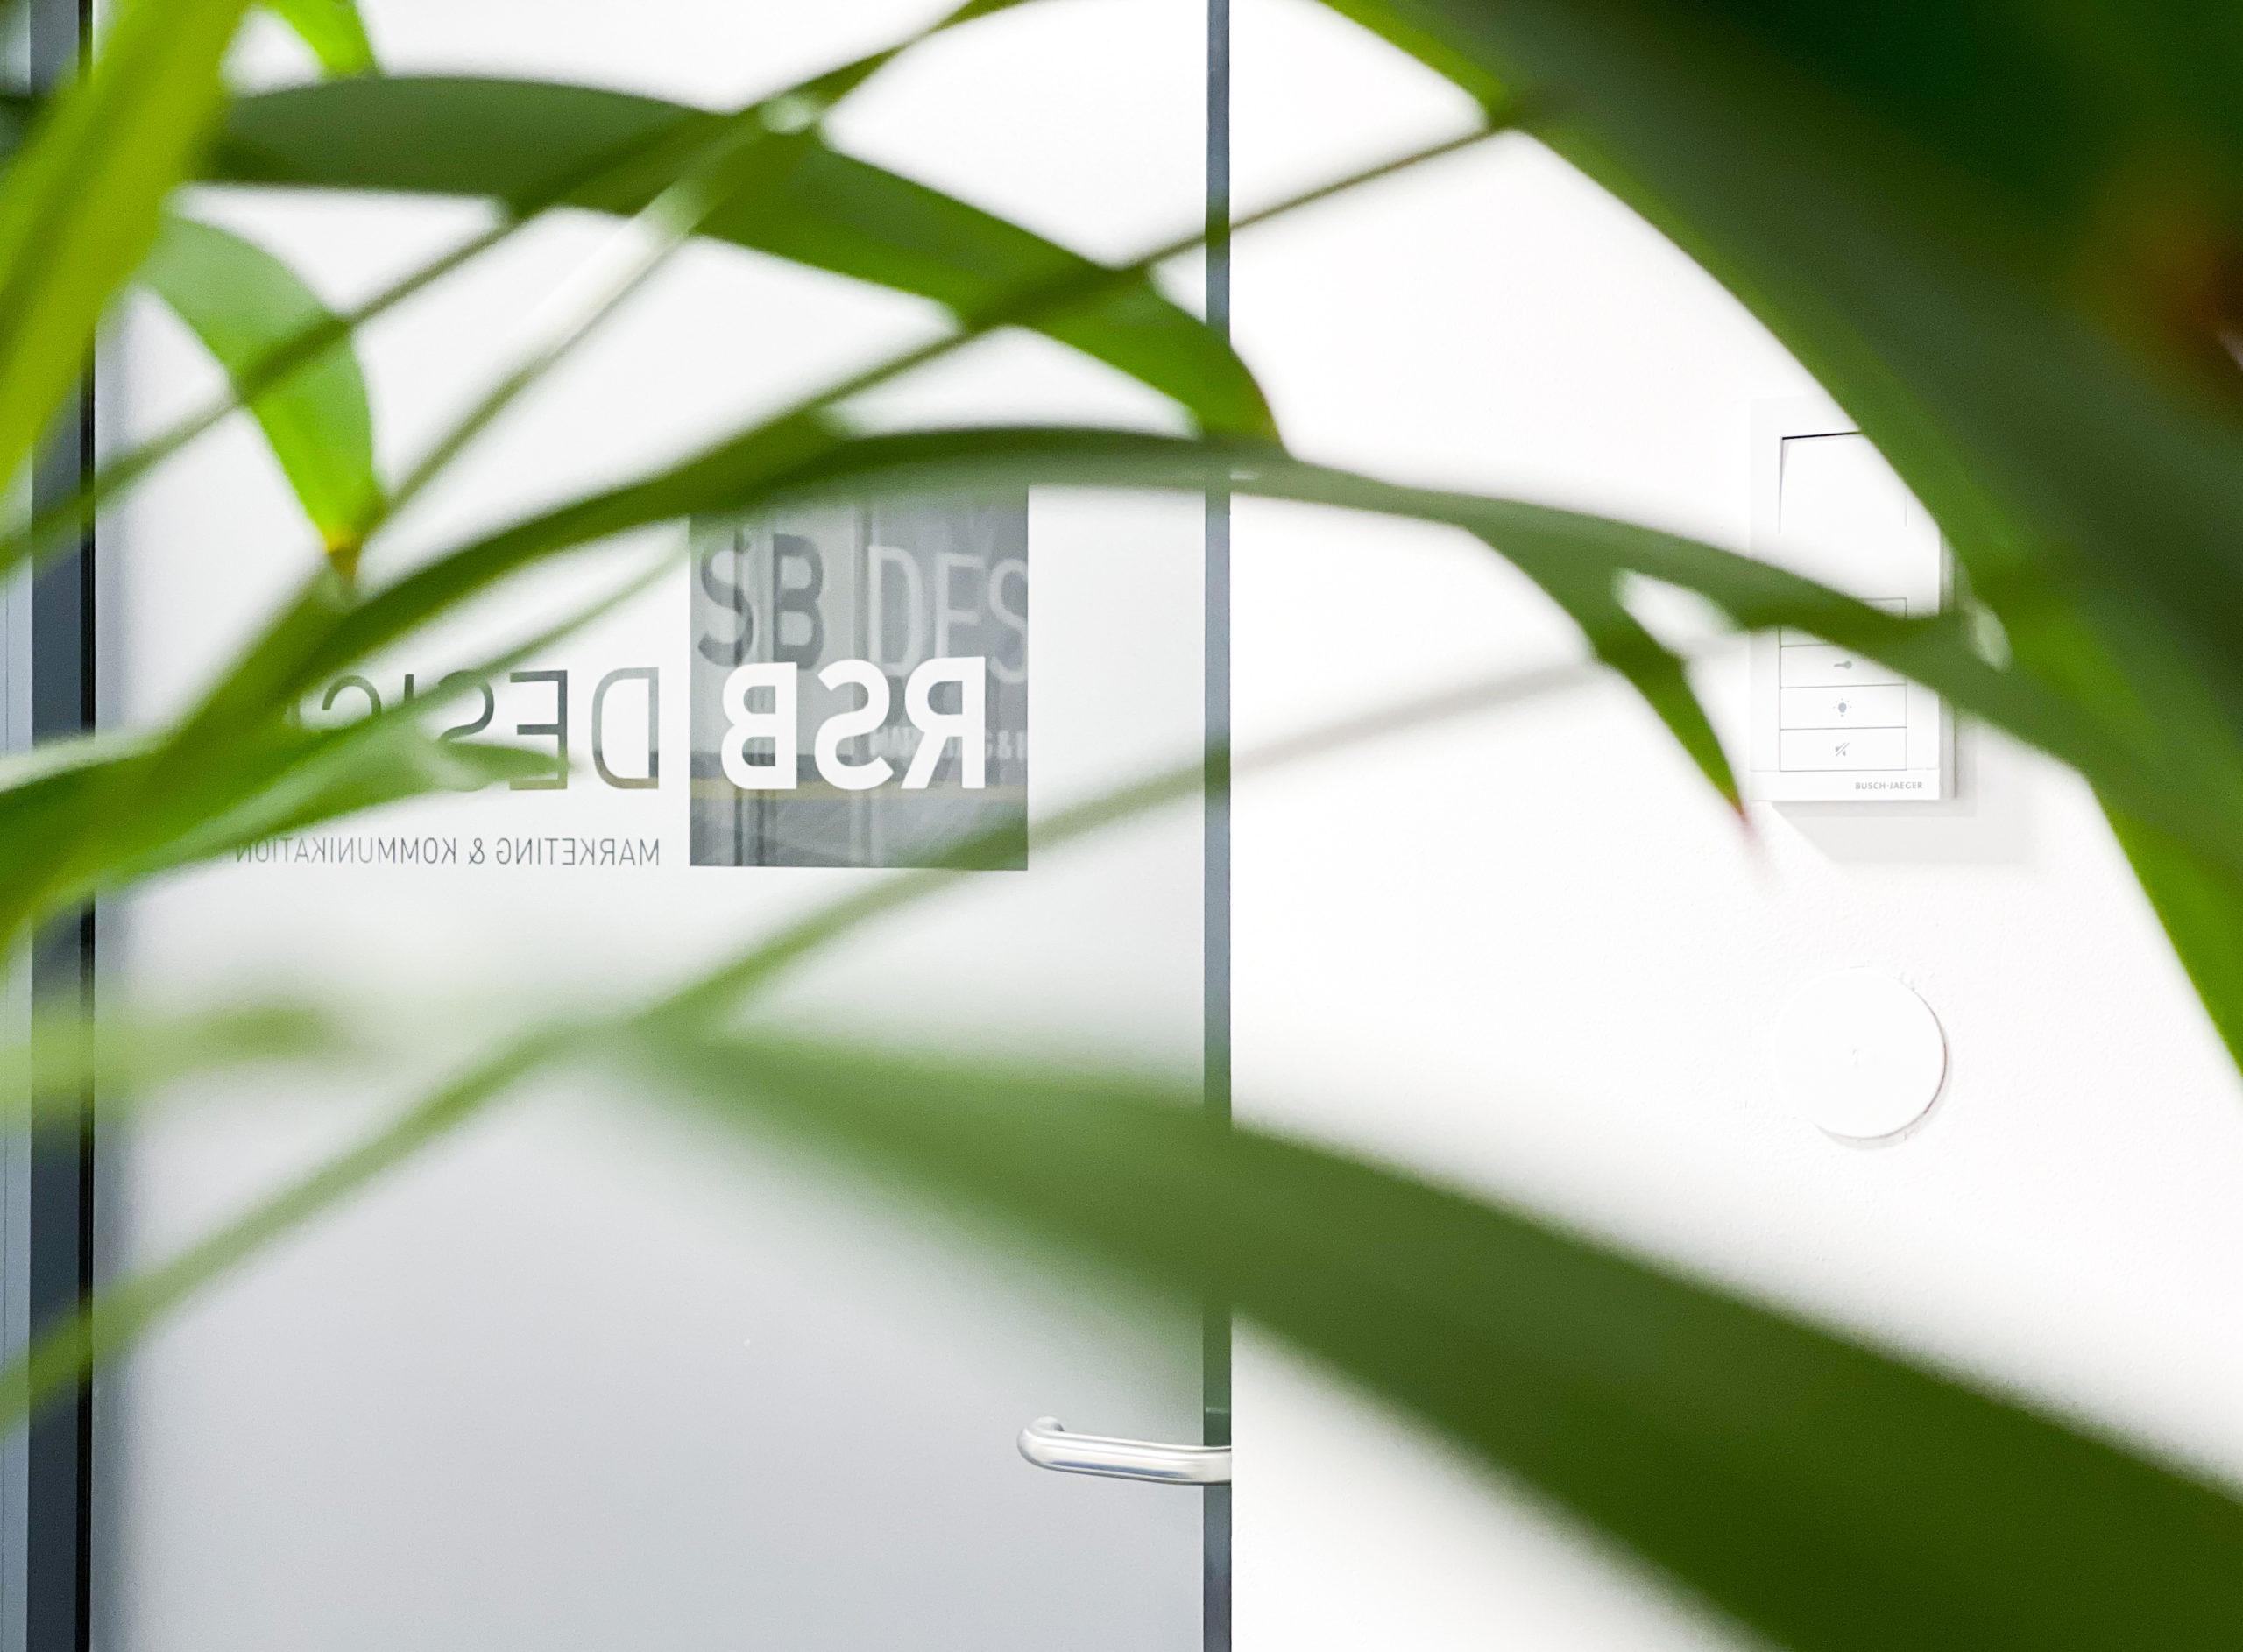 RSB Design Marketing und Kommunikation